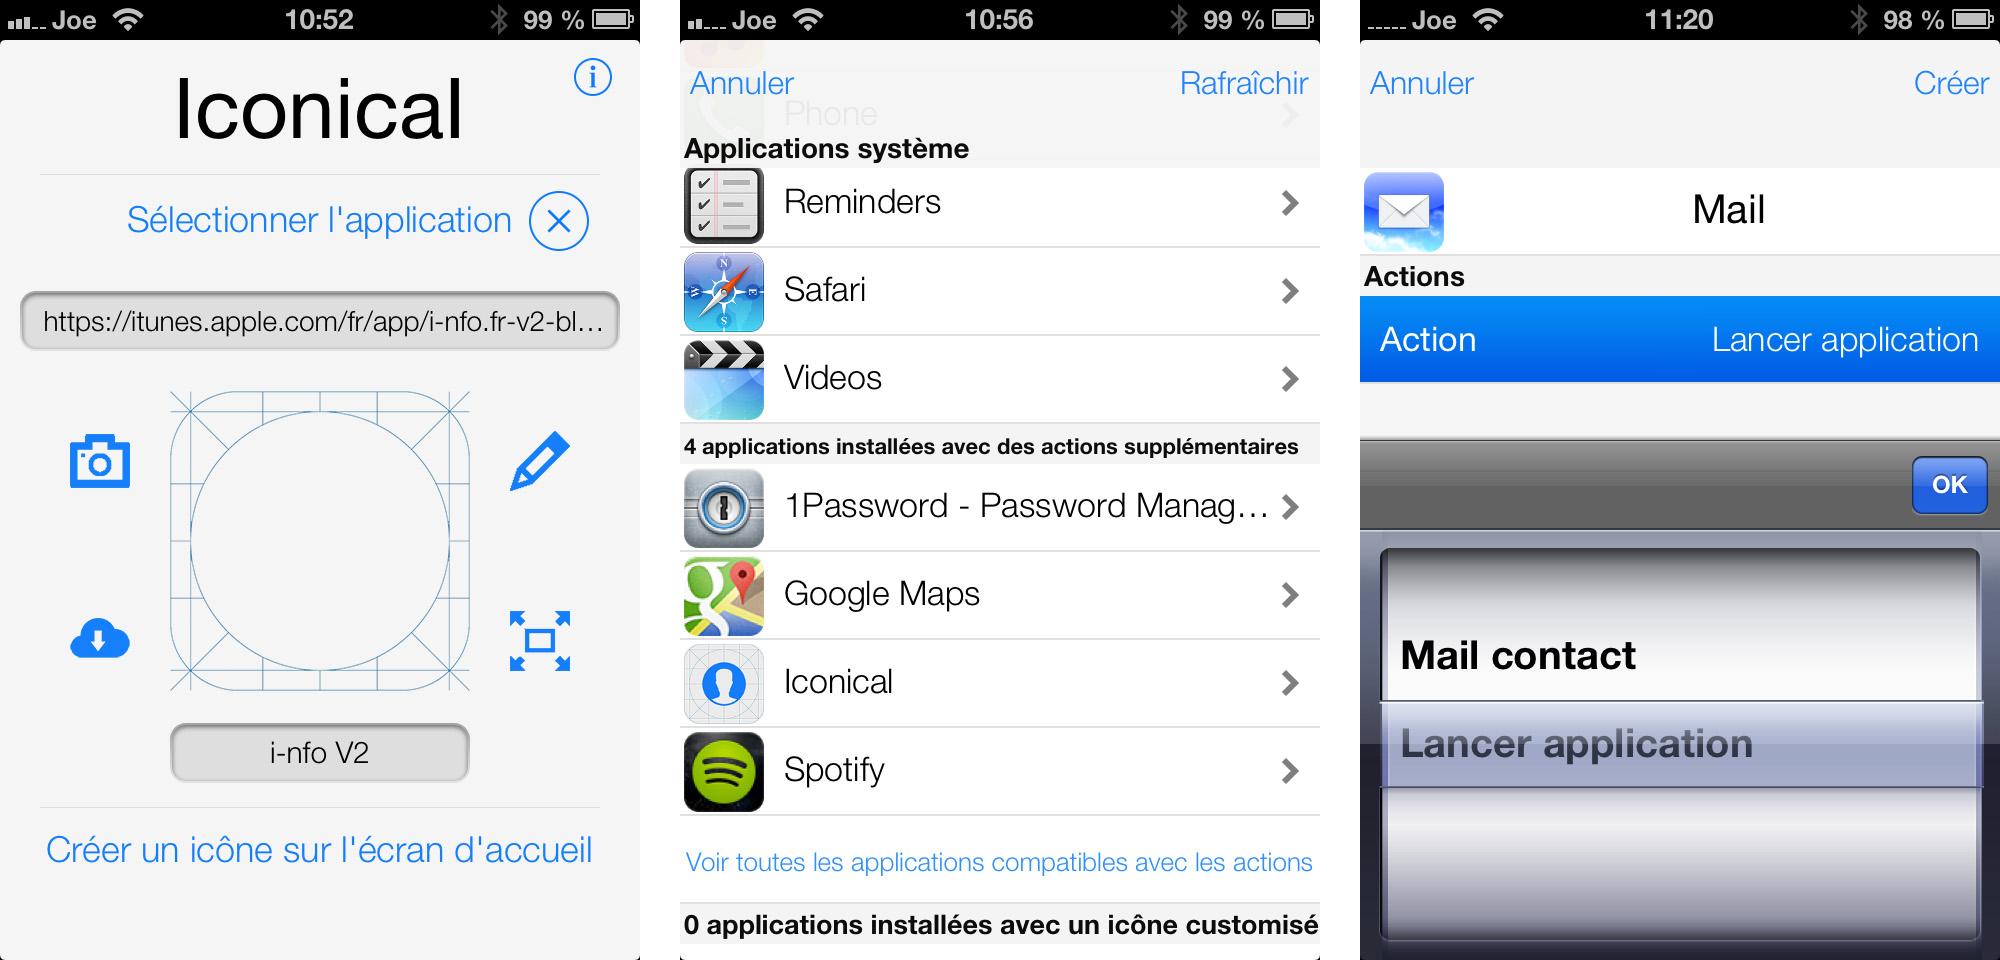 Iconical personnalise sans jailbreak les icônes sur l'écran d'accueil de l'iPhone et de l'iPad